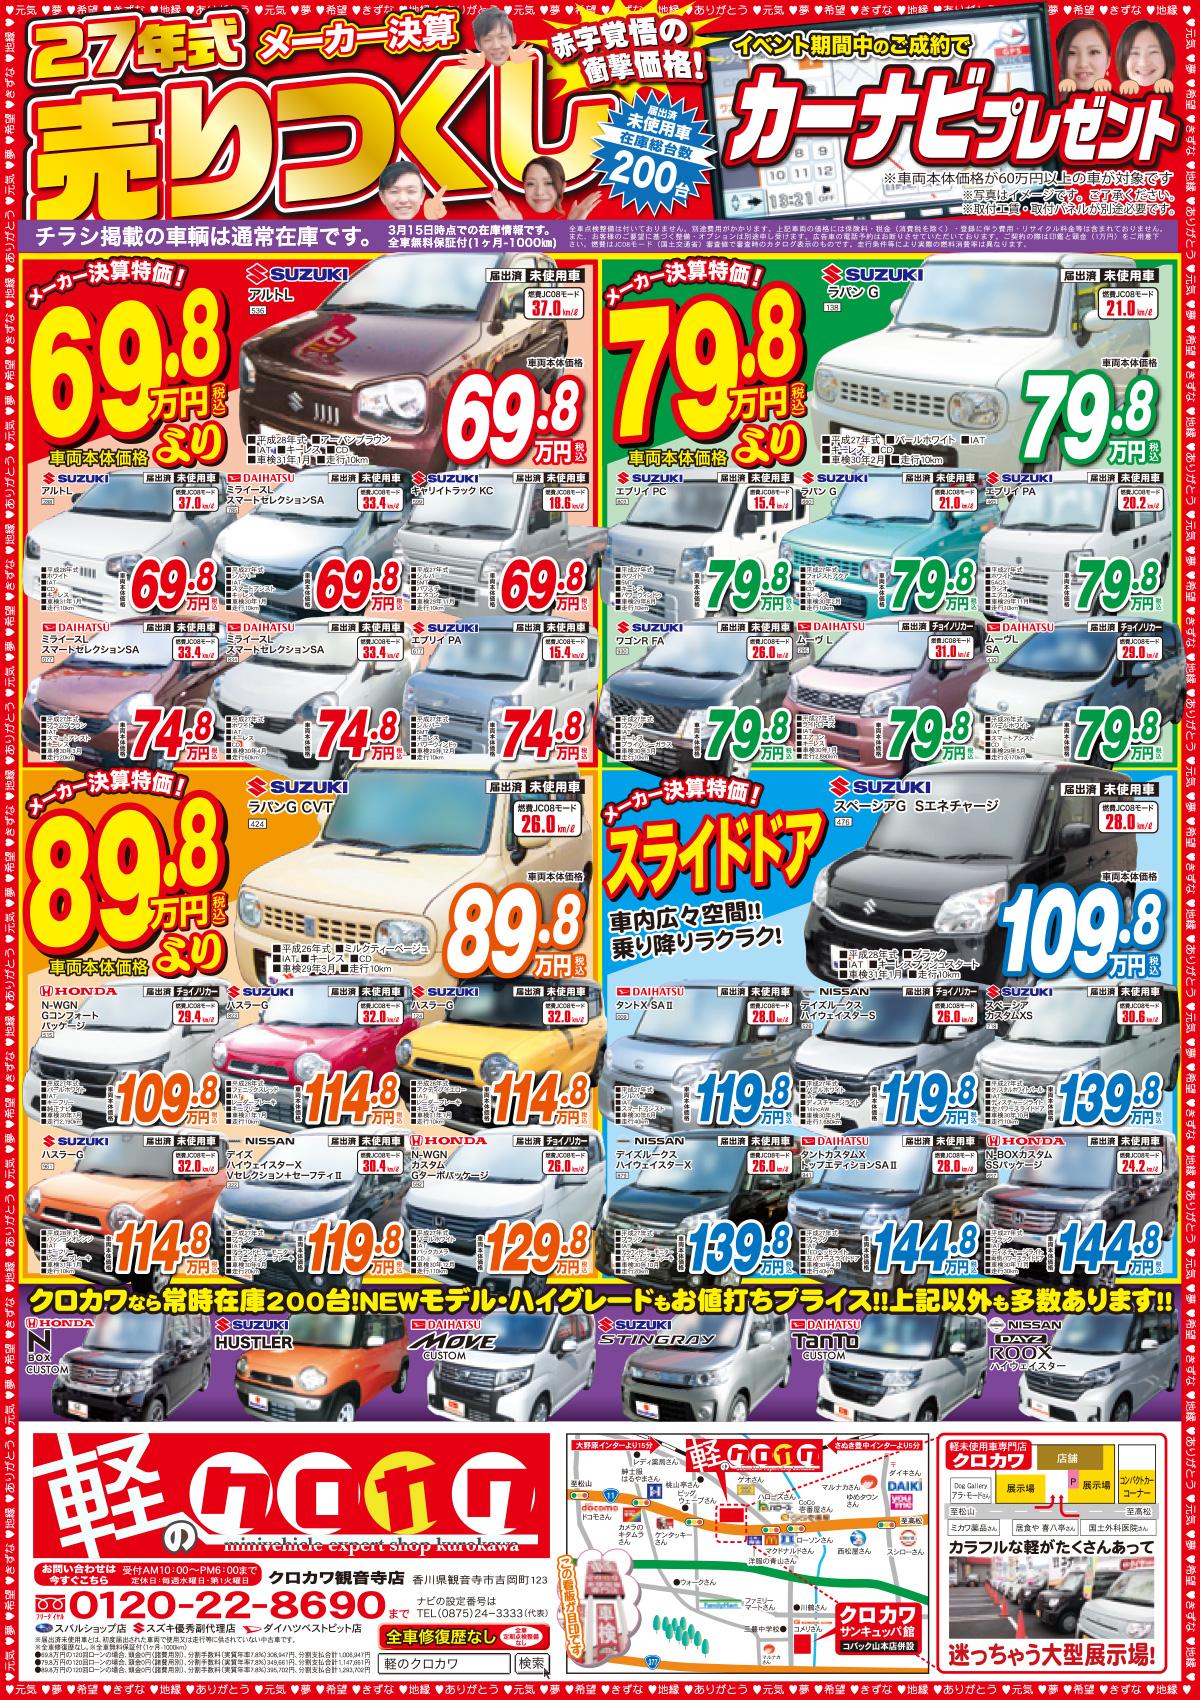 27年式売りつくし!今年度最後の目玉車9連発!!ご成約でカーナビプレゼント